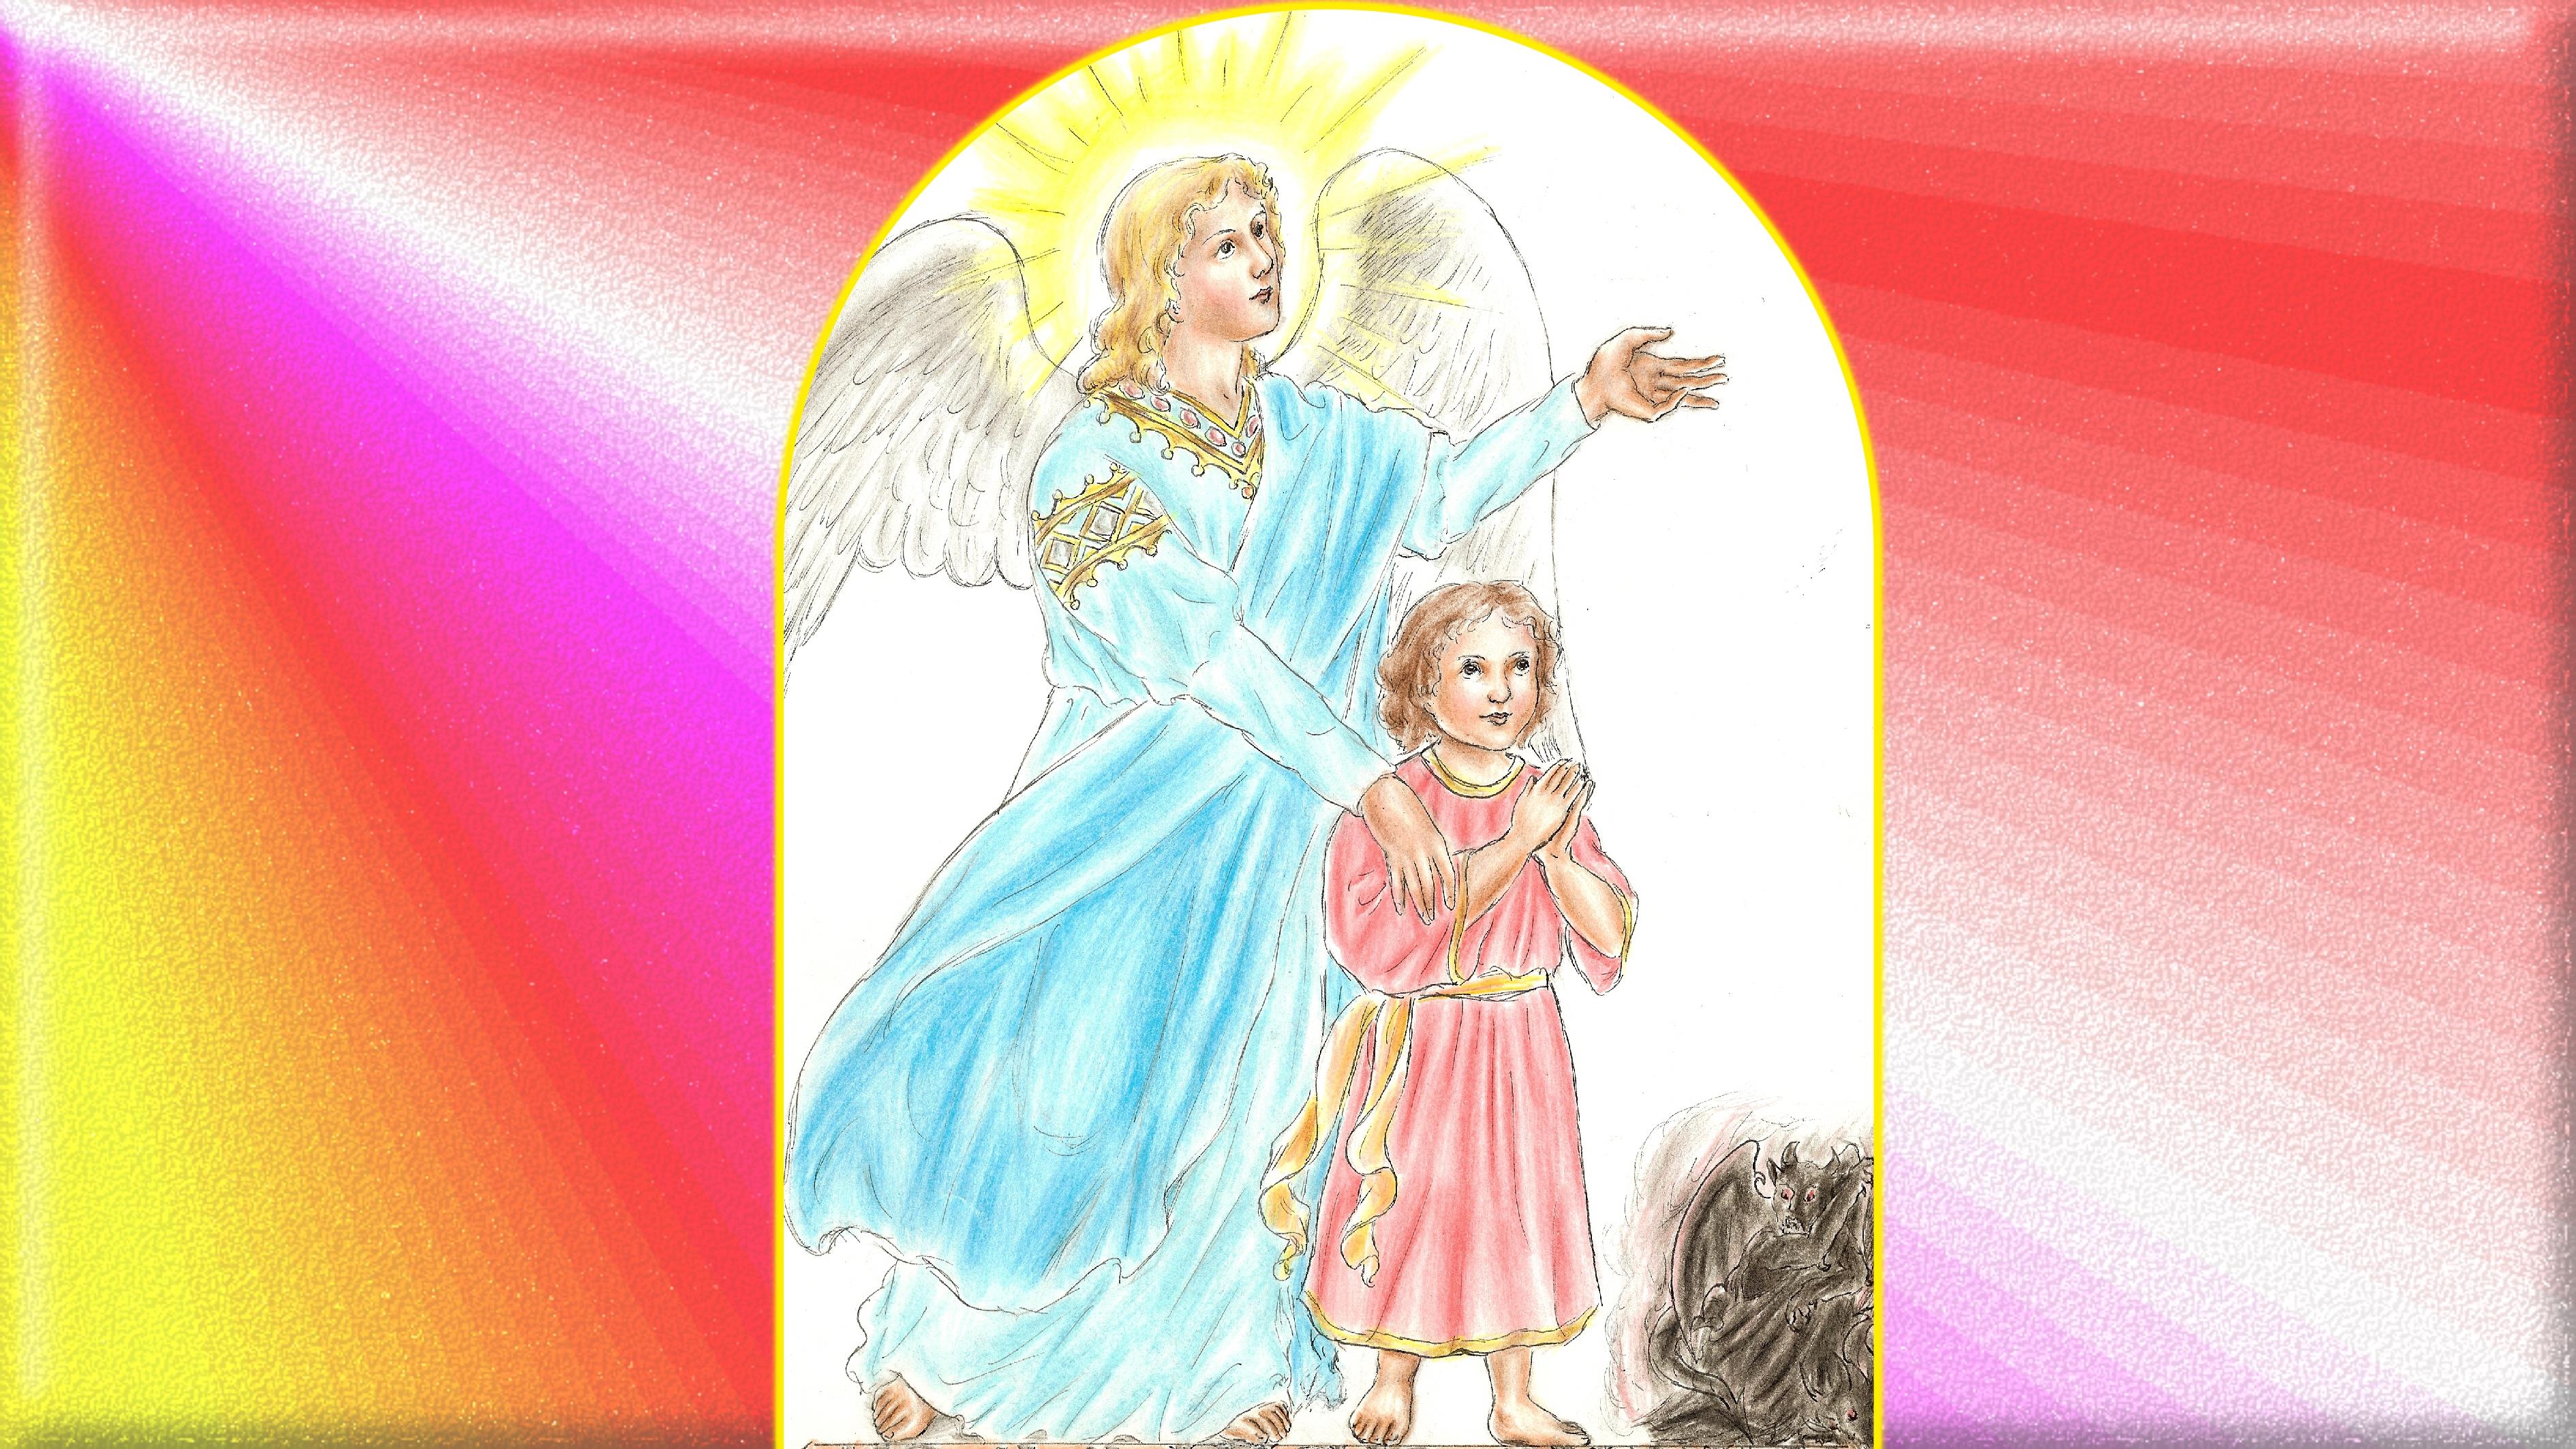 CALENDRIER CATHOLIQUE 2019 (Cantiques, Prières & Images) - Page 10 Le-st-ange-gardien-569f892